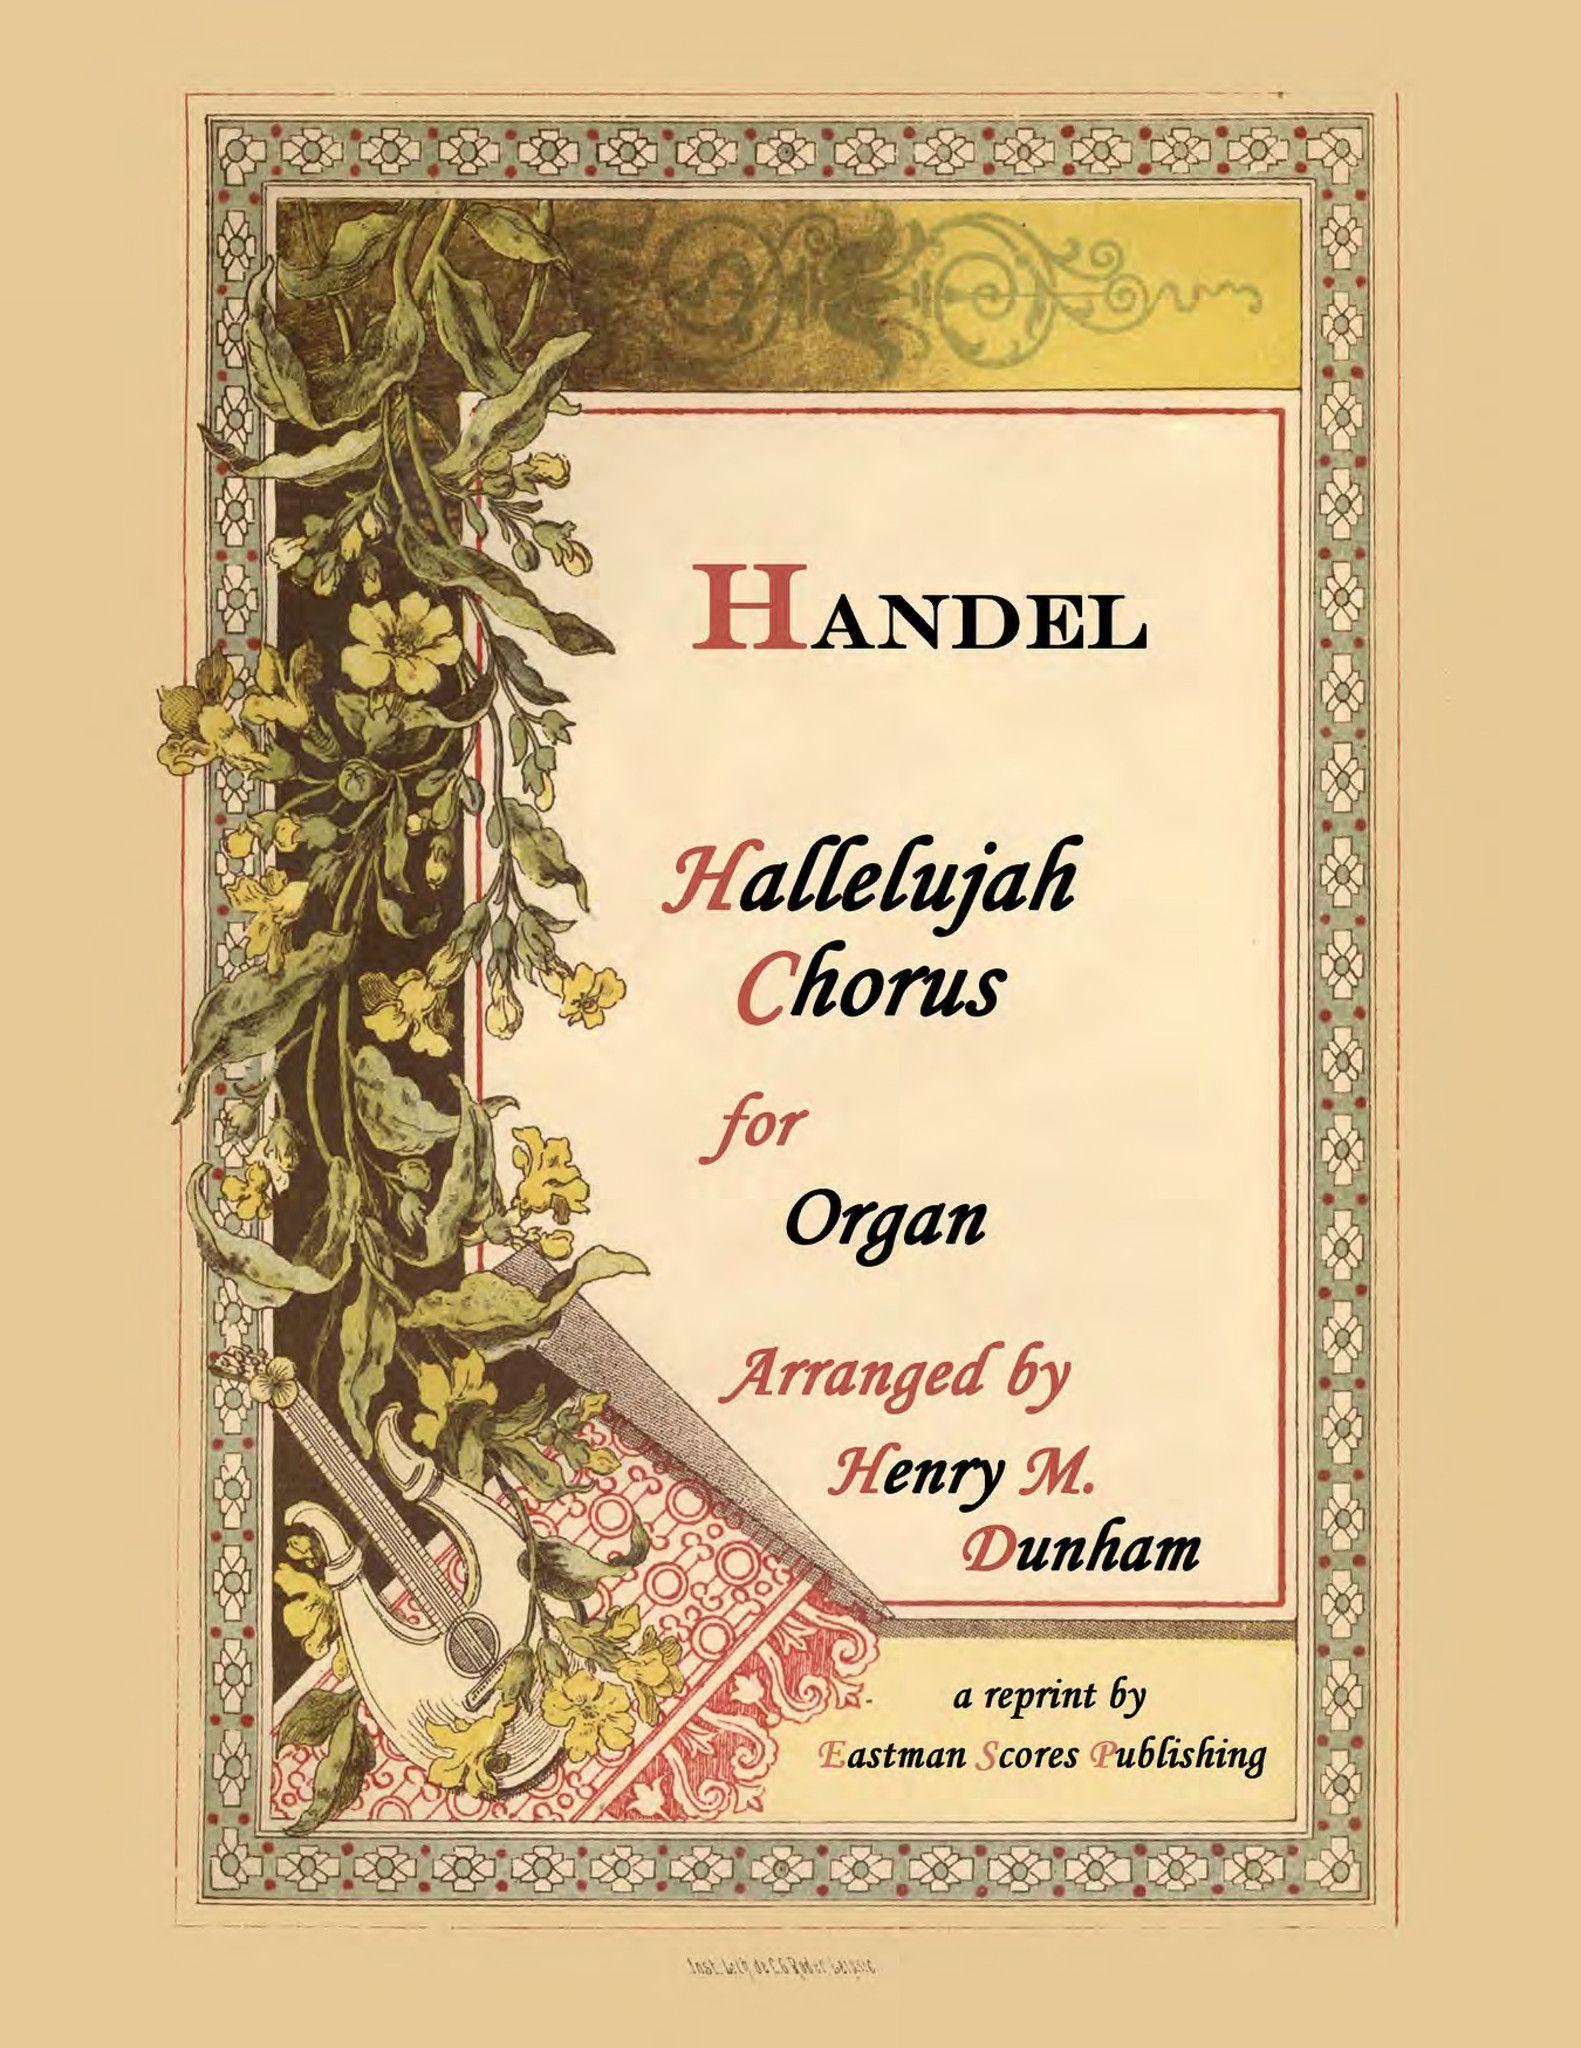 Handel, George : Hallelujah Chorus (Organ) - Arranged by Henry M. Dunham